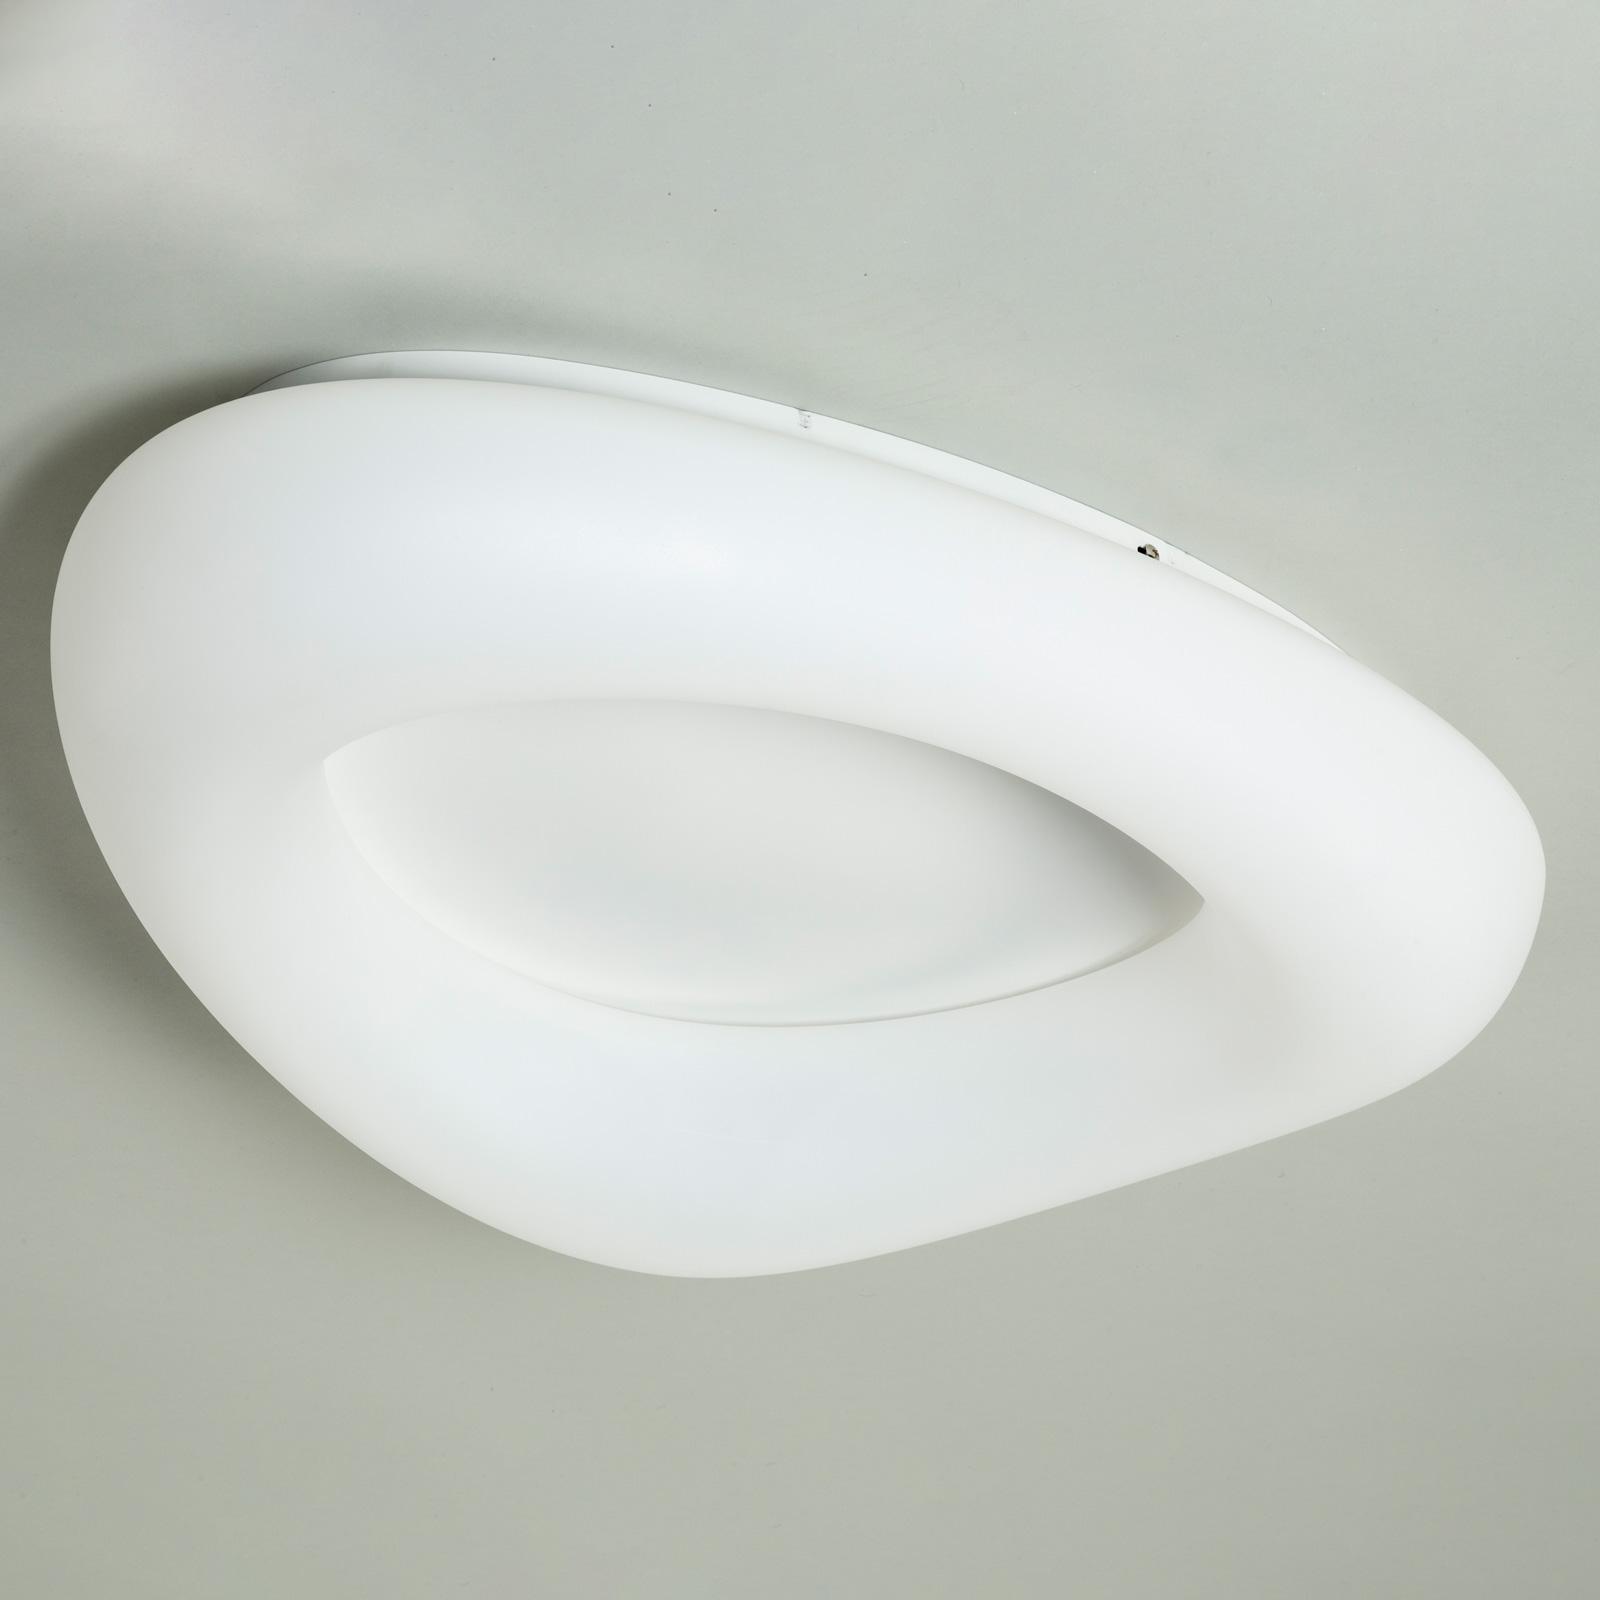 LED-taklampa Lahti, dimbar i tre steg